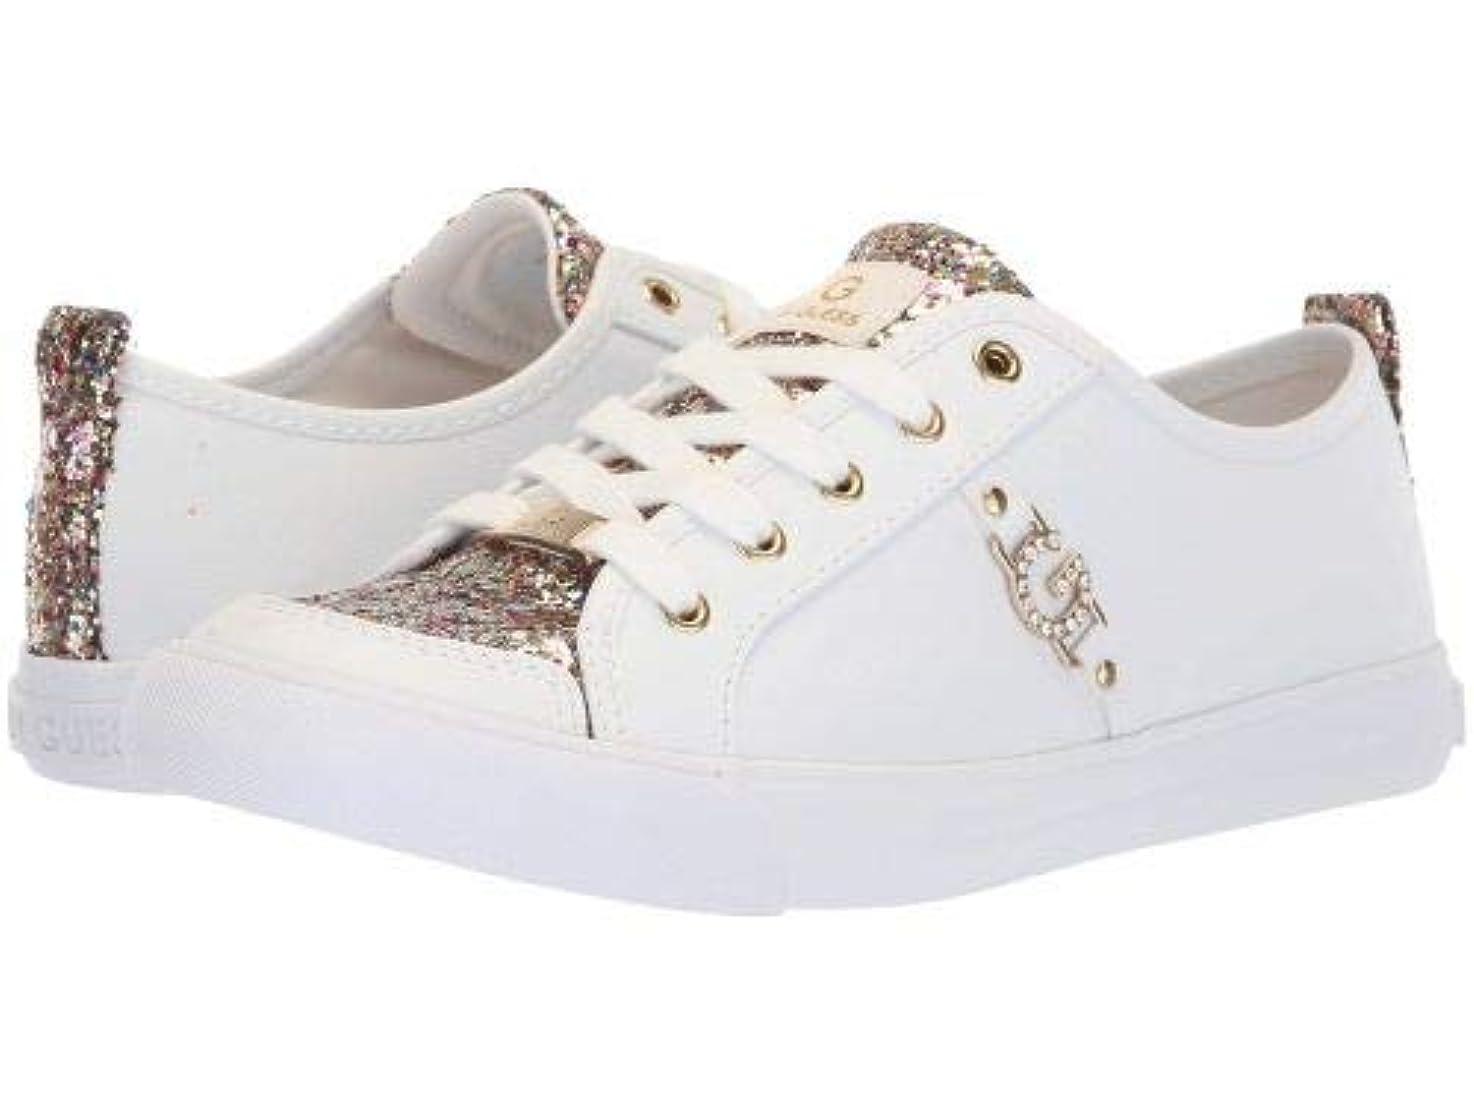 生産的インチ間接的[ジーバイゲス] レディース 女性用 シューズ 靴 スニーカー 運動靴 Banx3 - White/Rainbow [並行輸入品]